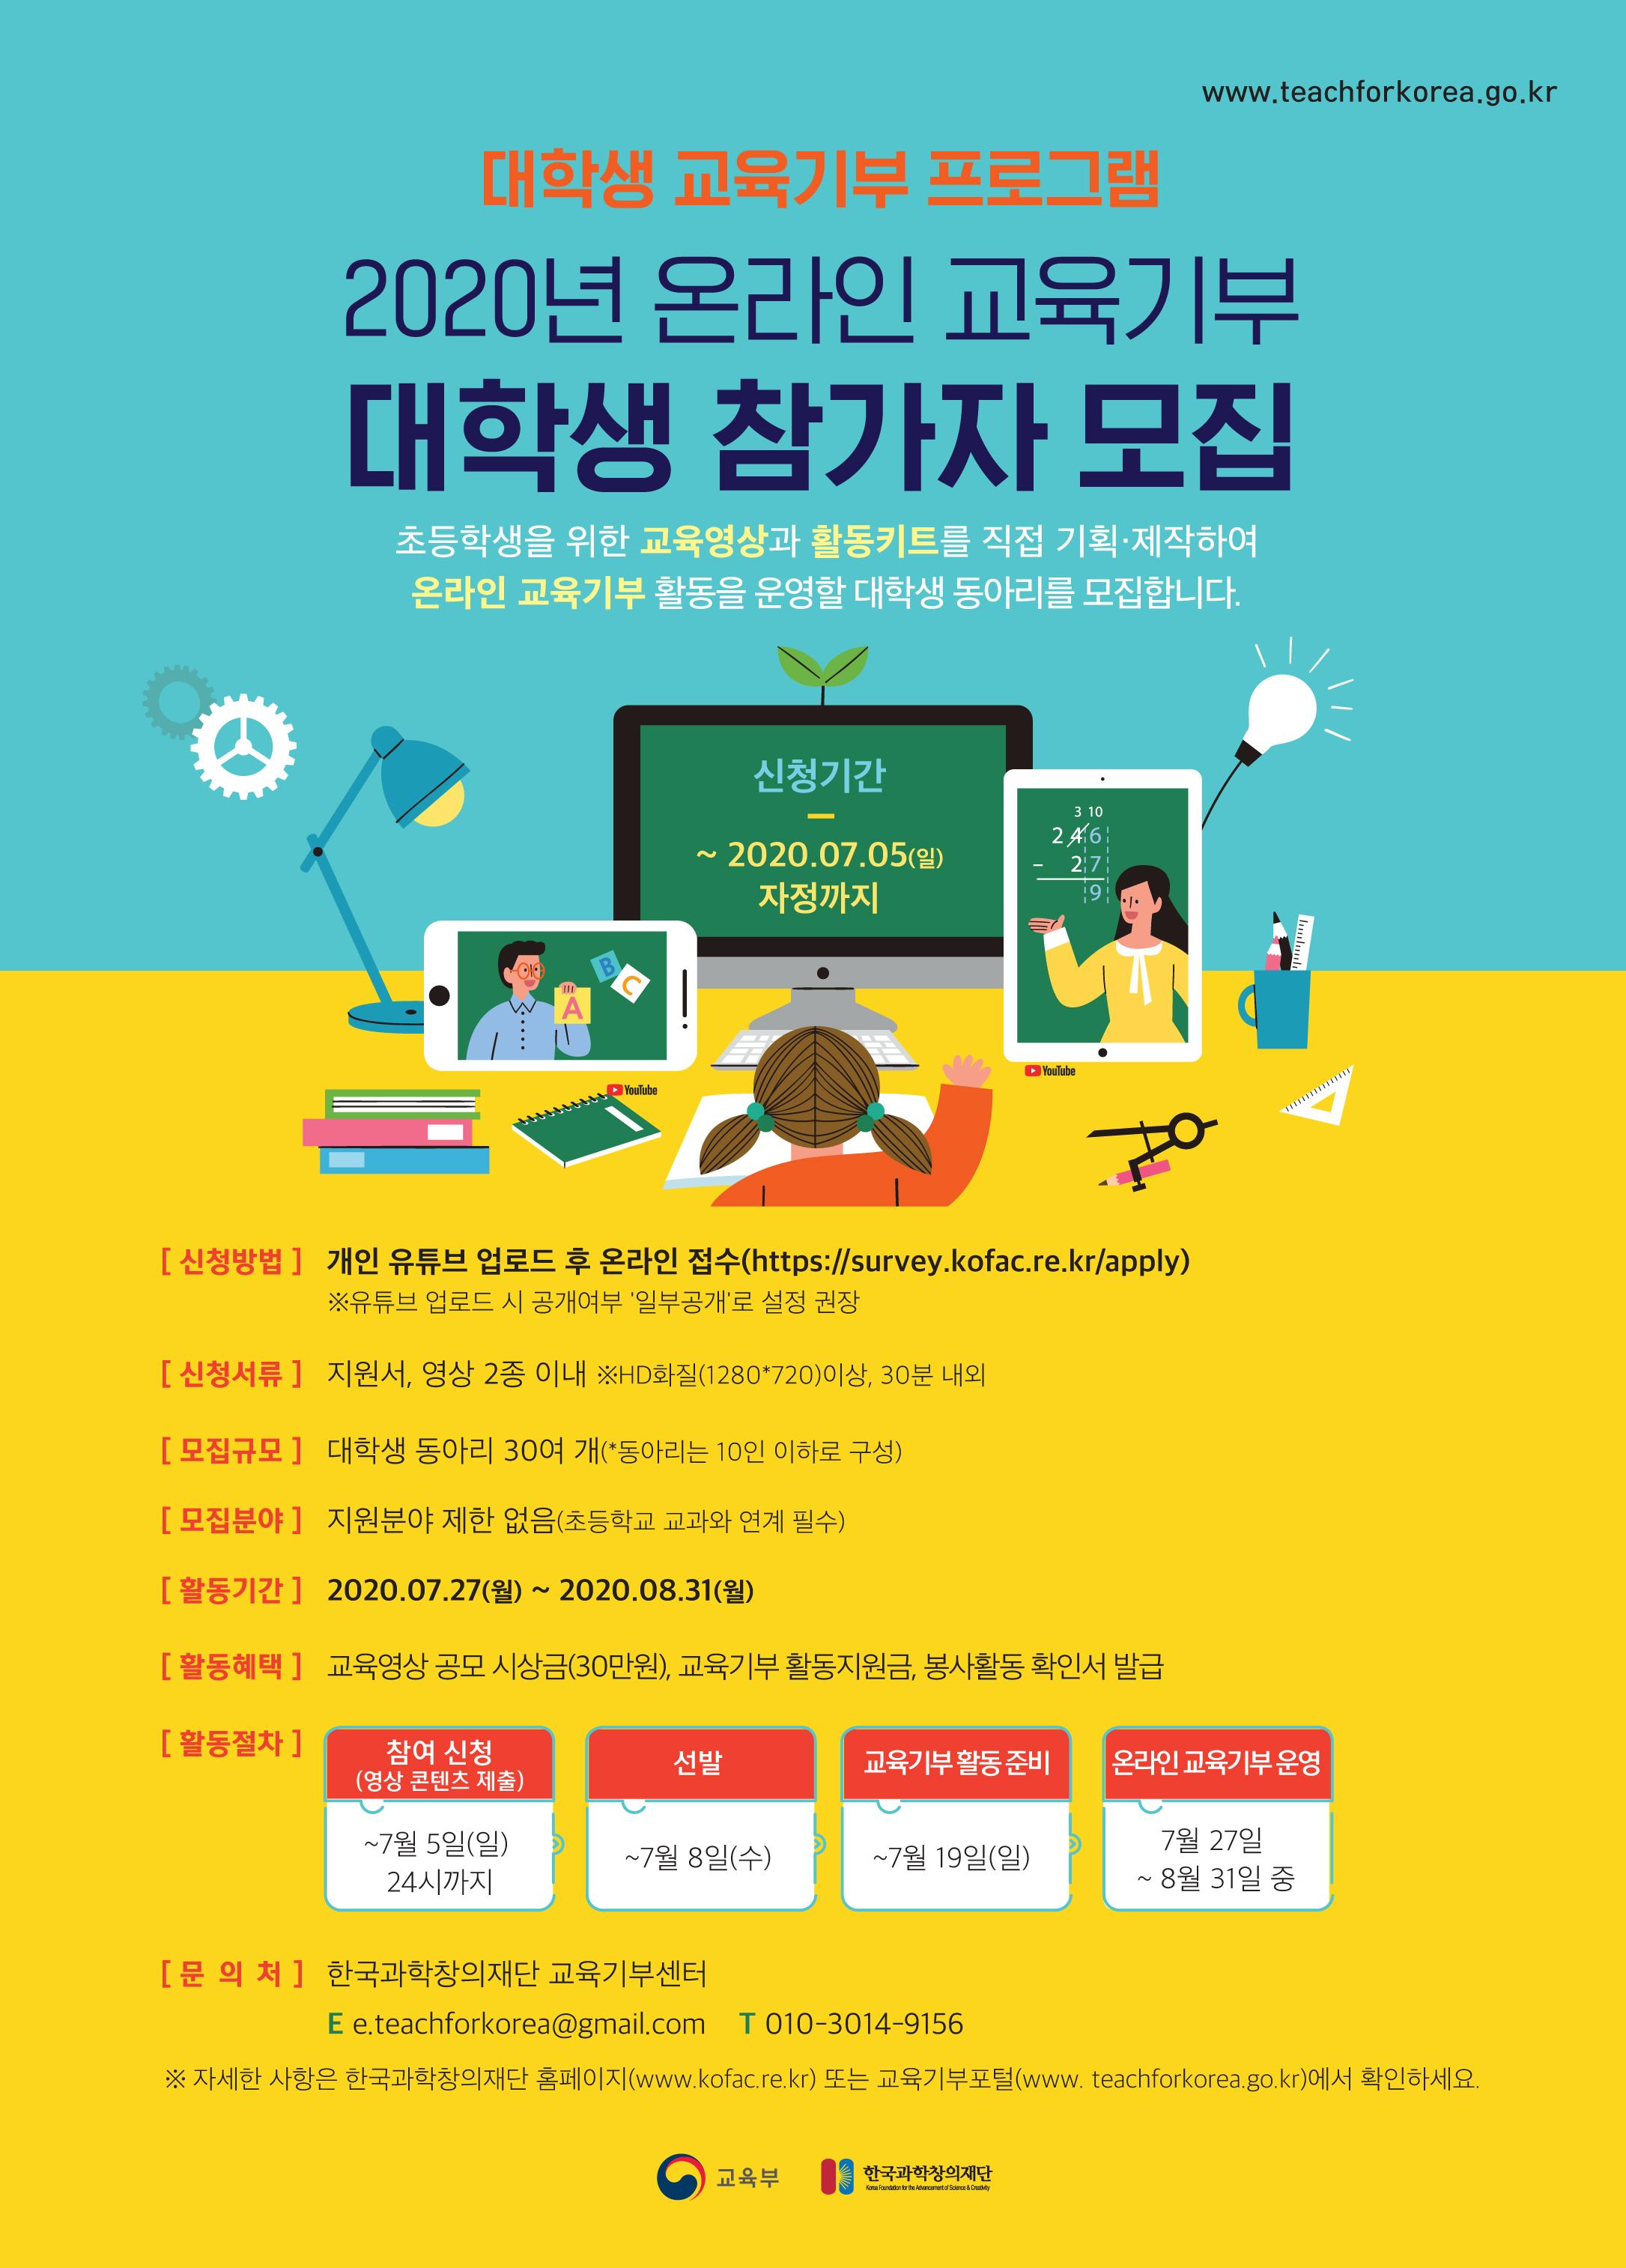 [한국과학창의재단]2020년 온라인 교육기부 대학생 참가자 모집